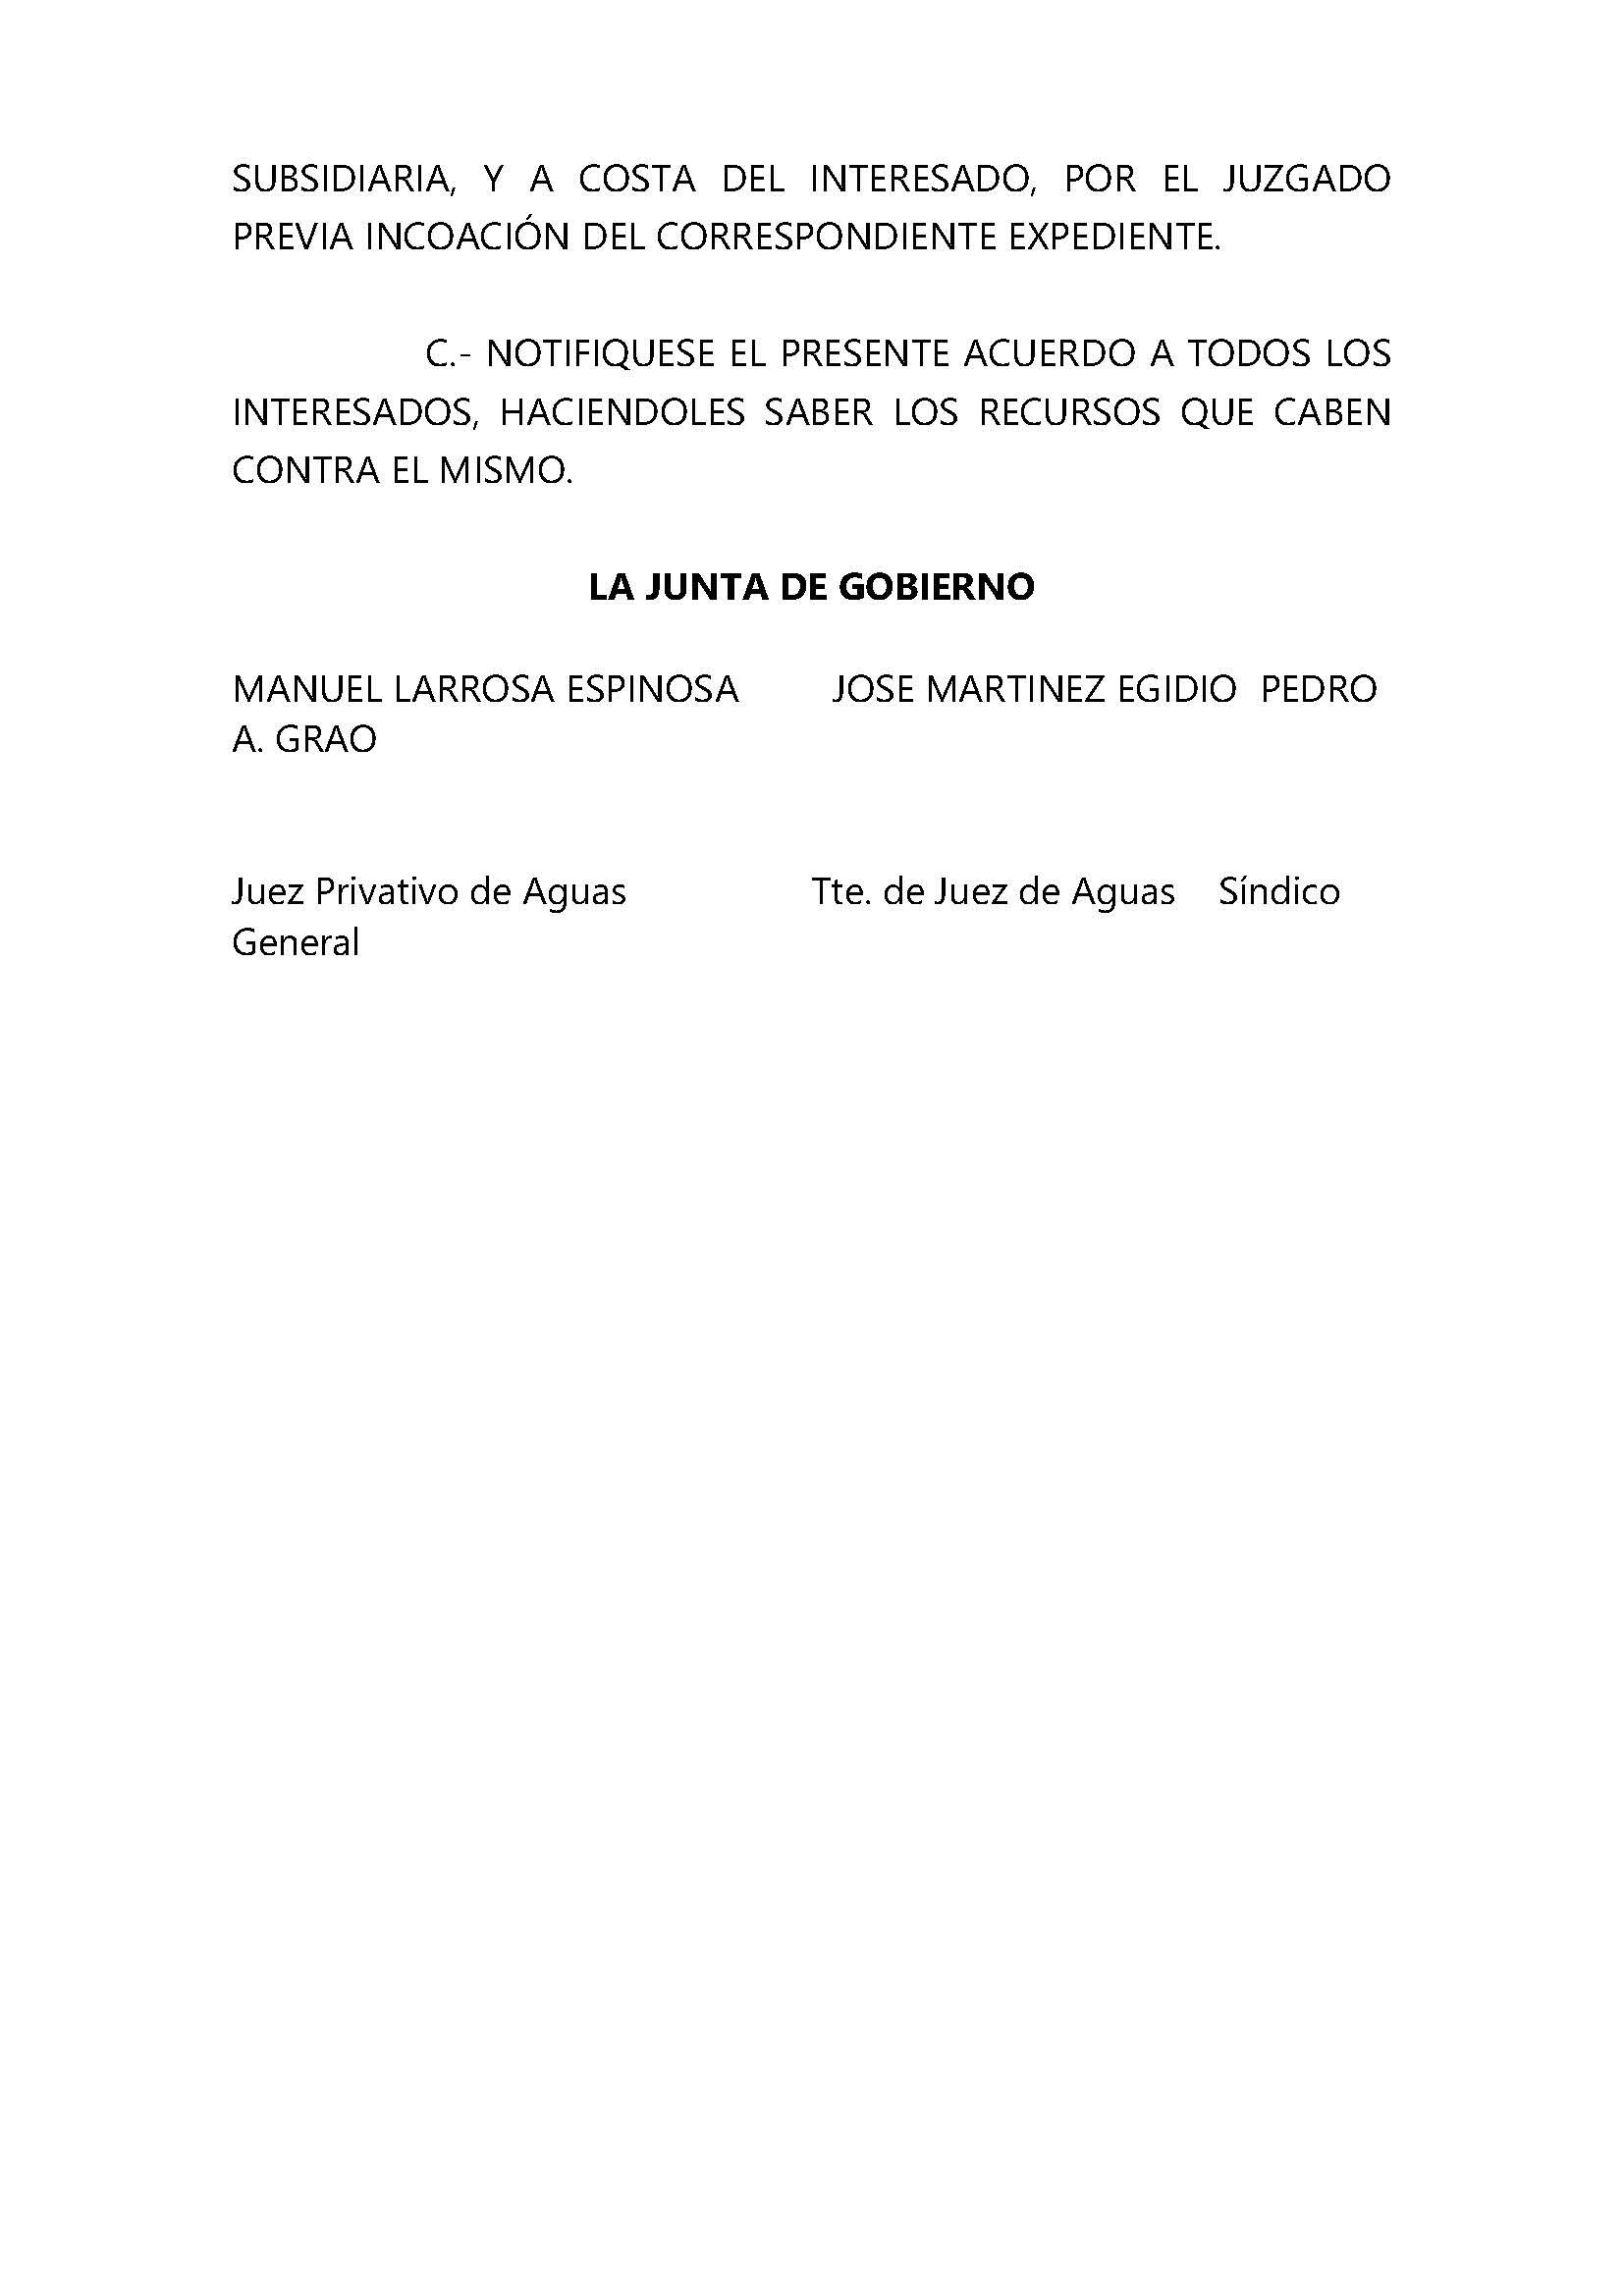 111 2015 ACEQUION DEL SOTO. ACUERDO JUNTA gobierto 111115_Página_10